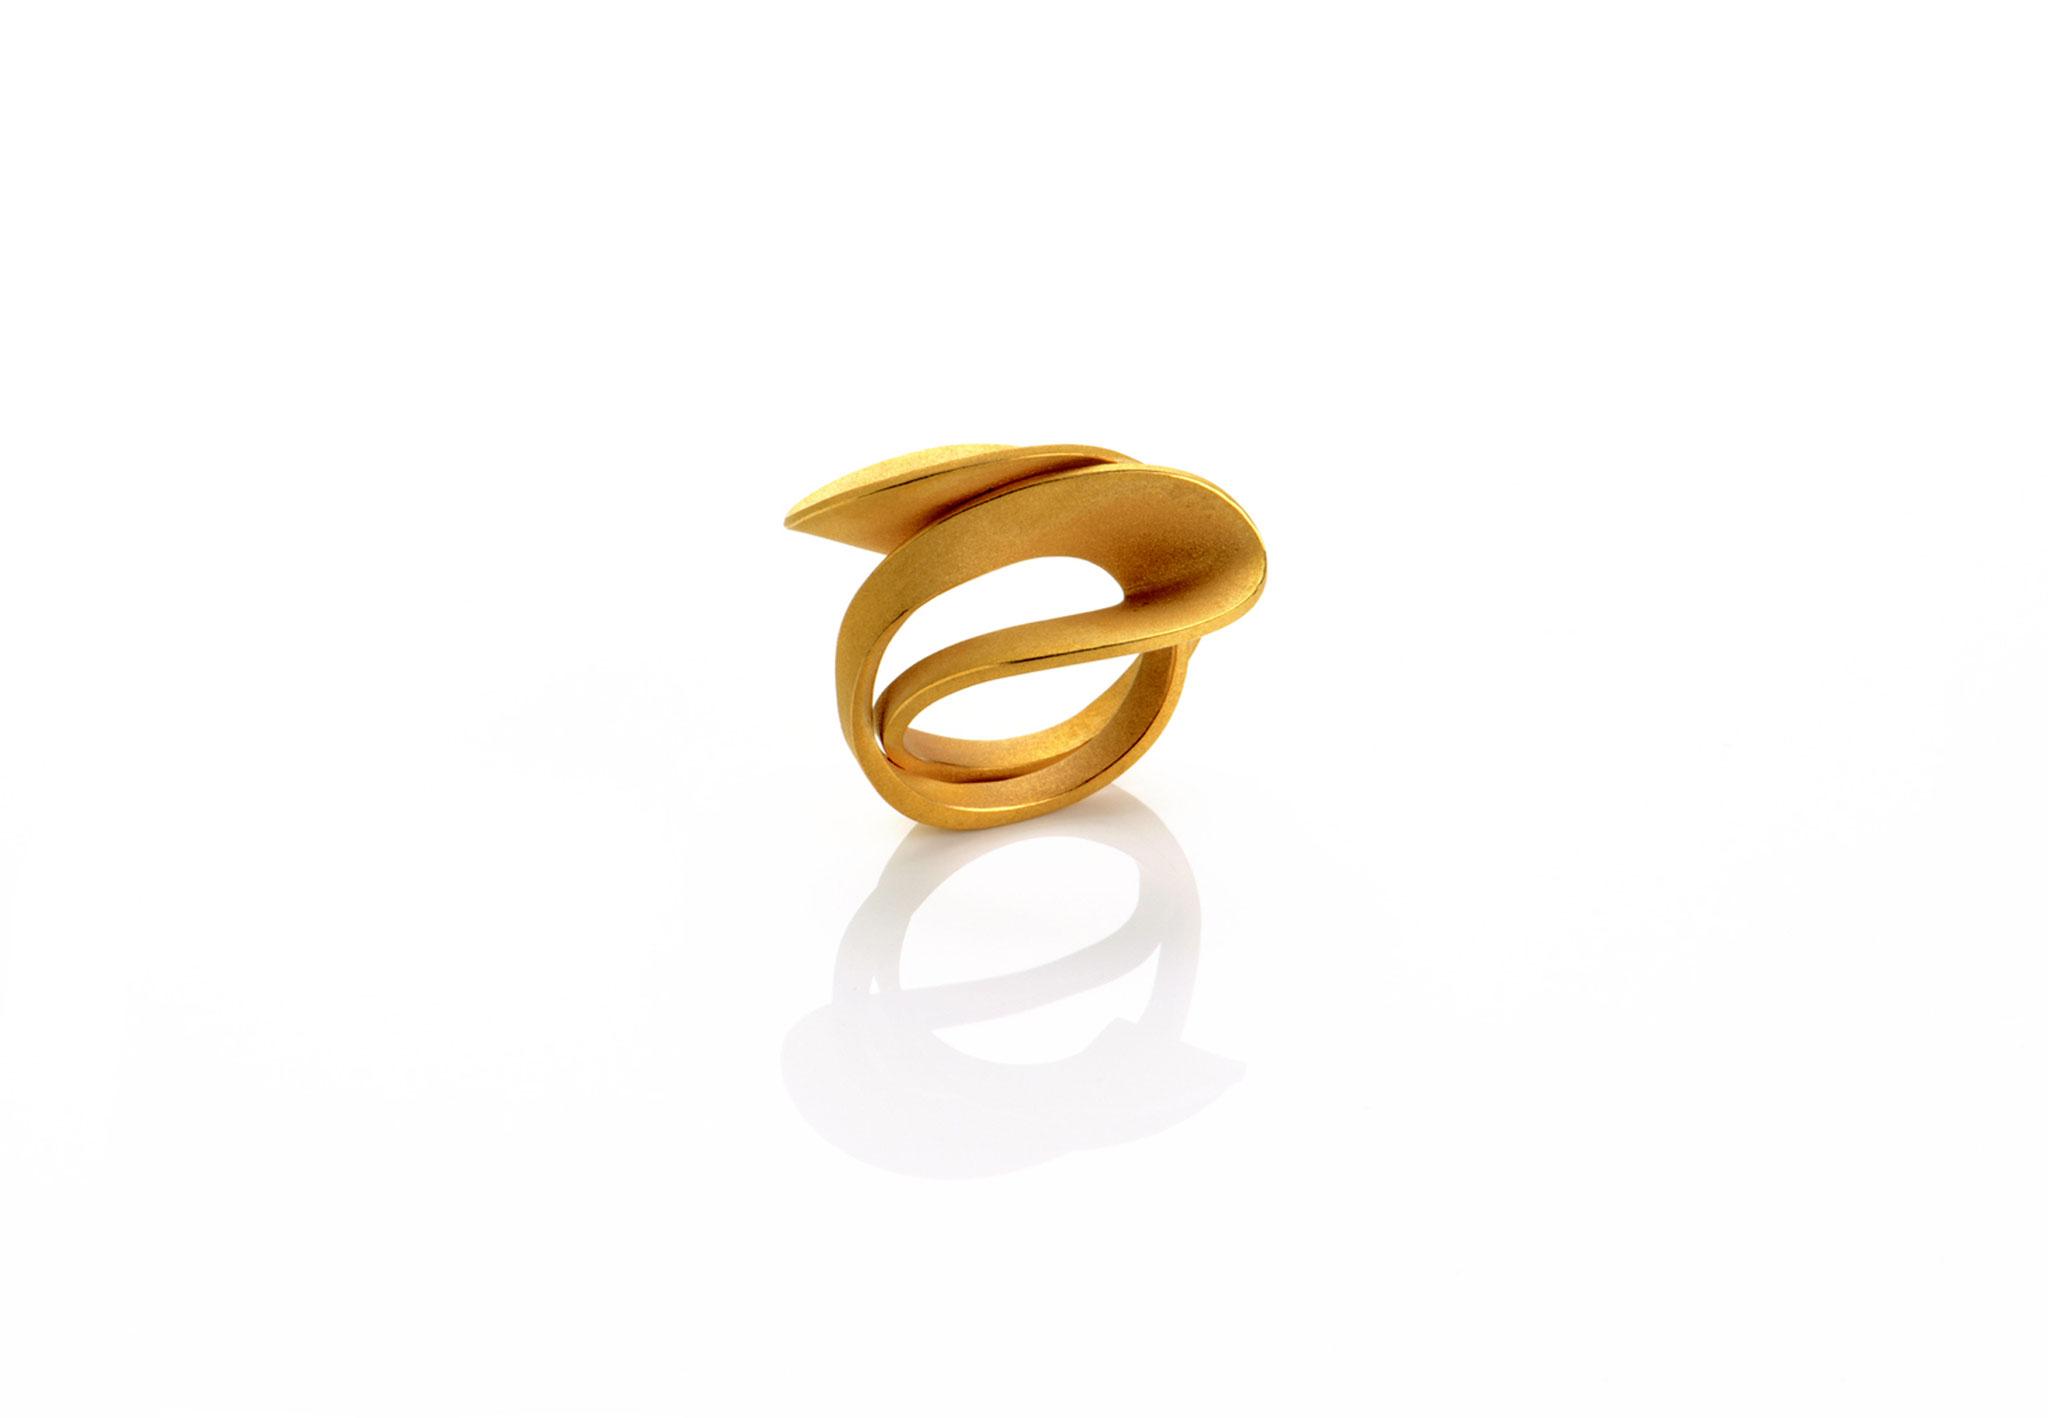 Wendepunkt Ring M4, 925/- Silber, 18ct goldplattiert